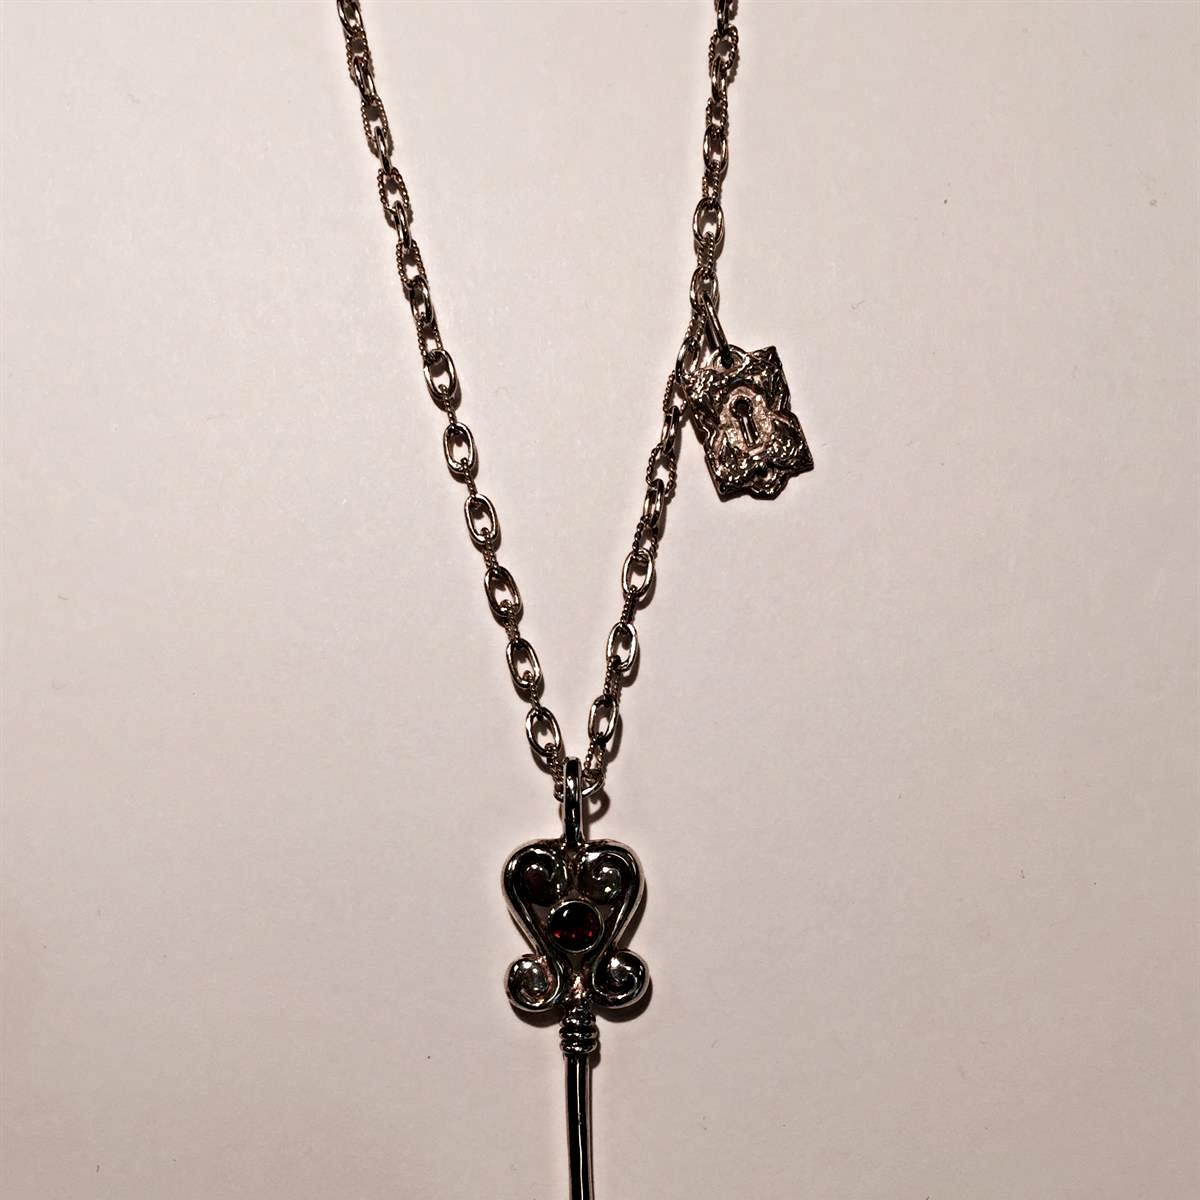 Key Necklace